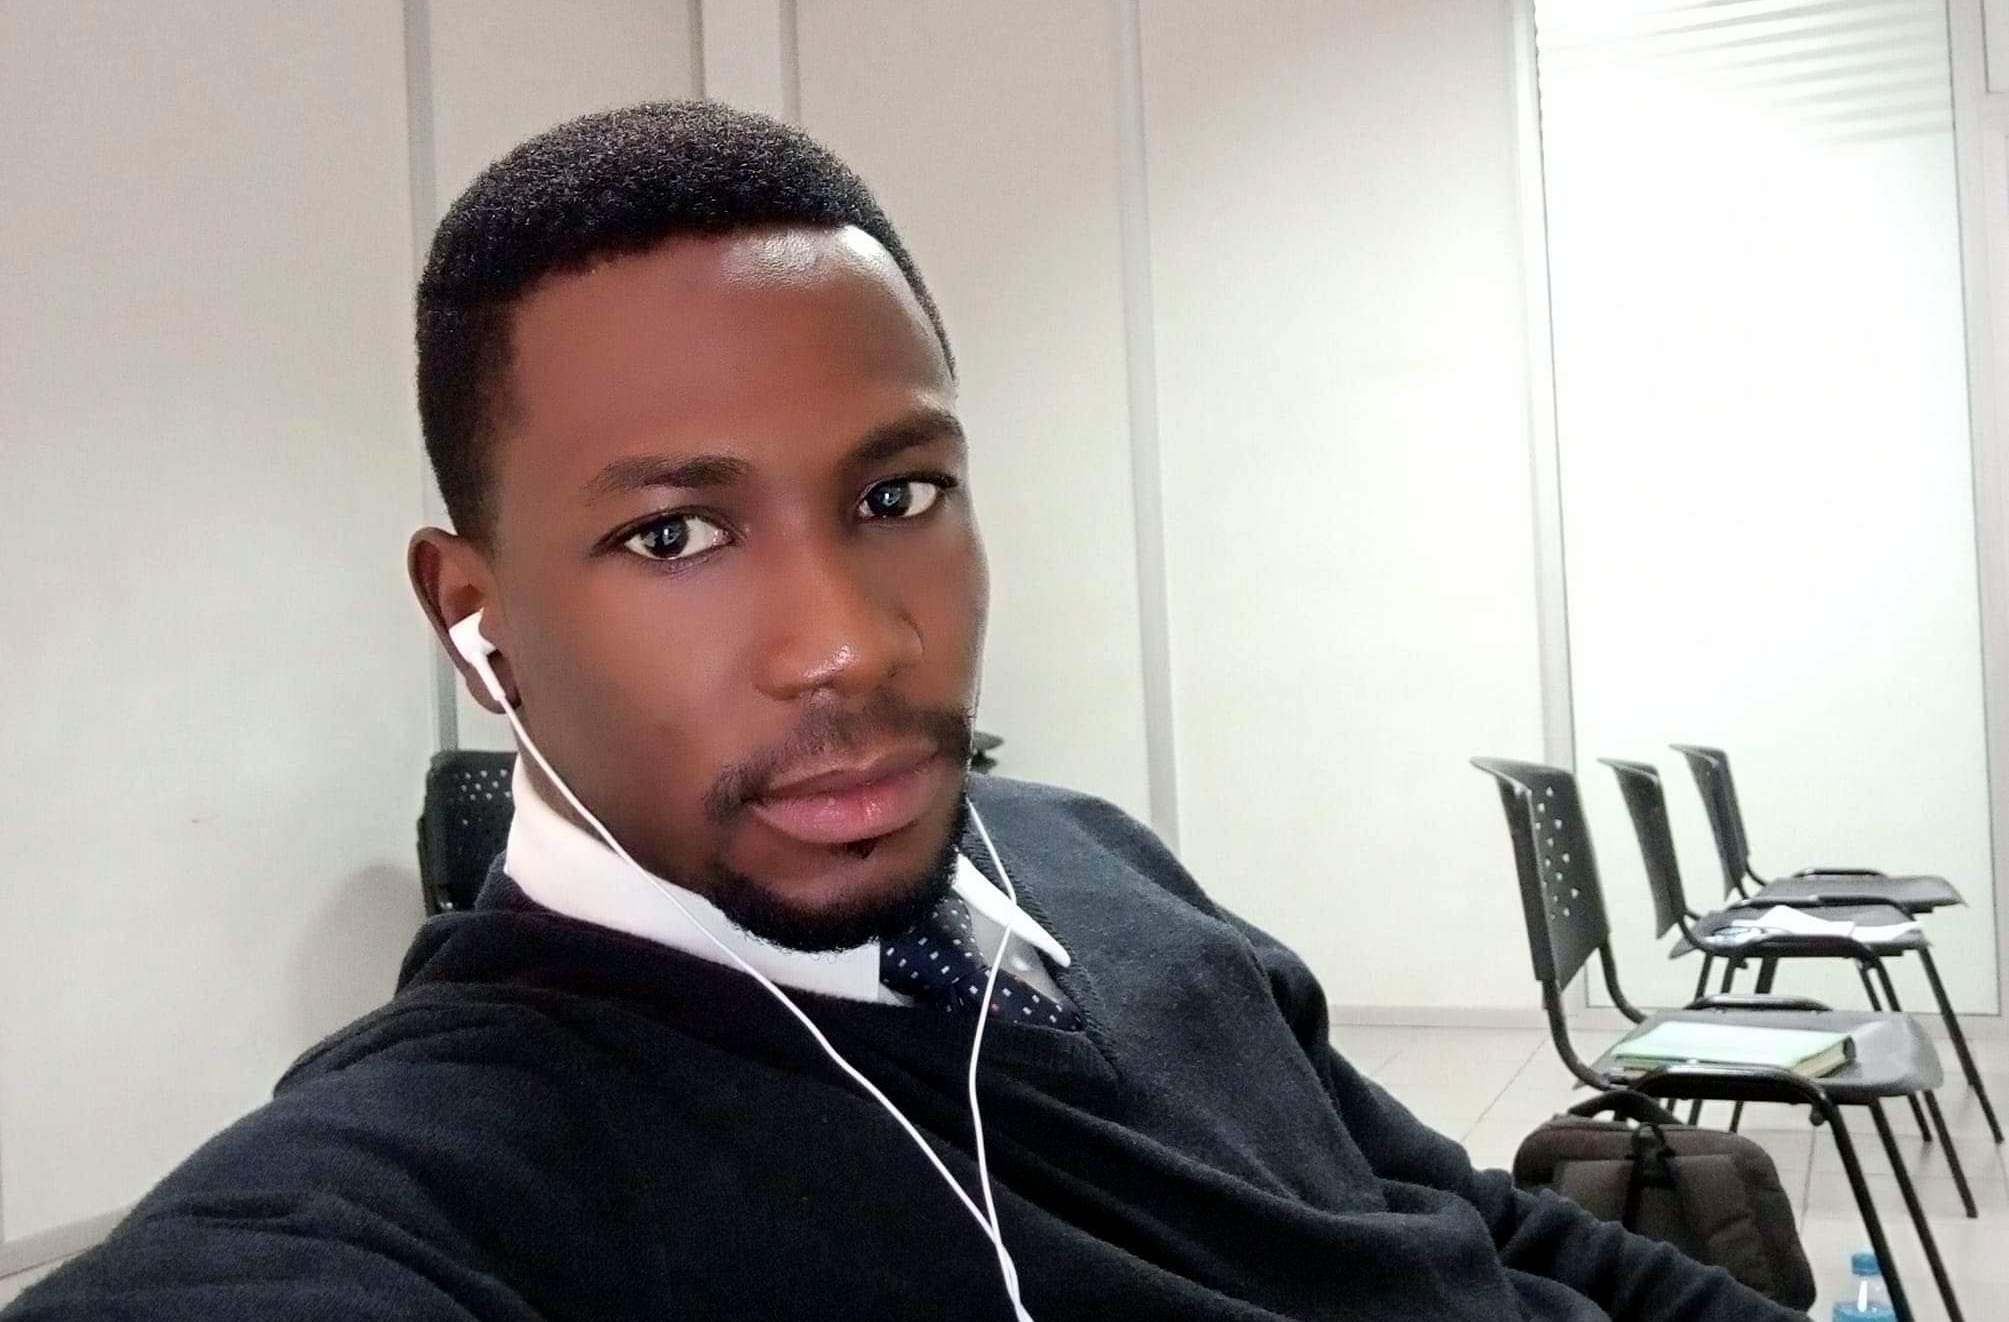 Late Adekunle Adewale, a staff member of Overland Airways. [PHOTO CREDIT: Facebook page of Mr Adekunle]